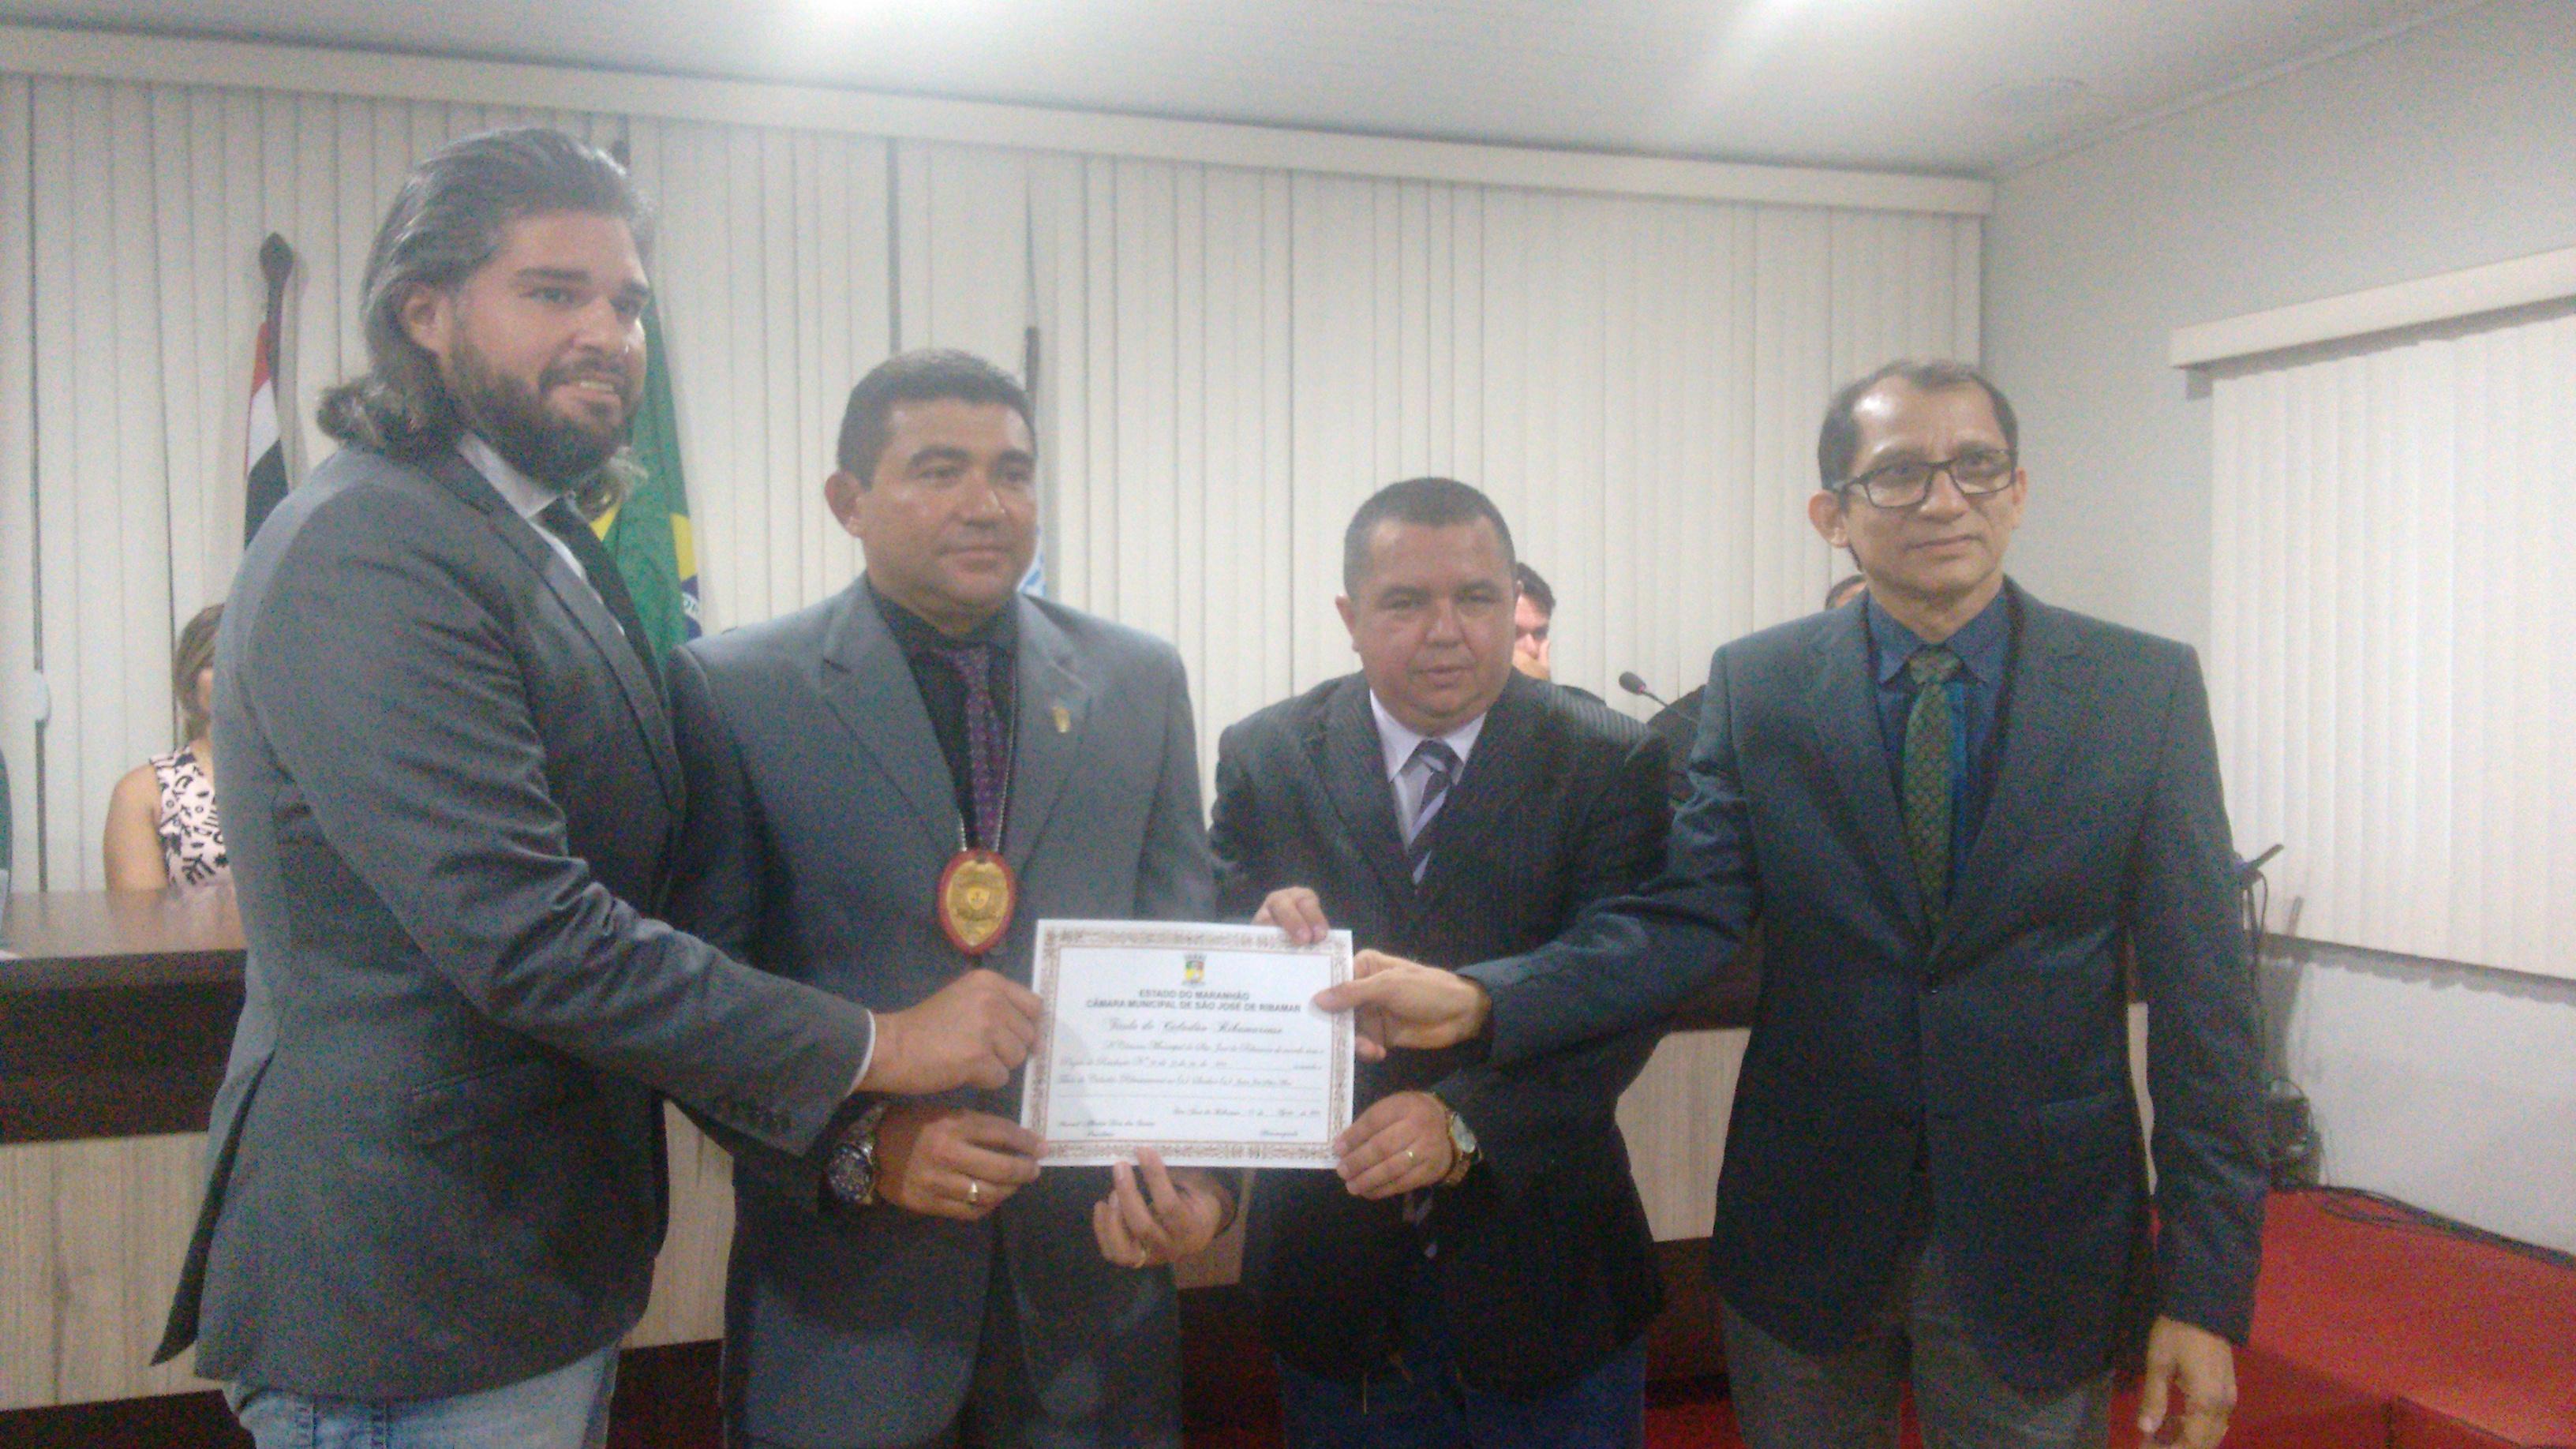 Delegado de Polícia Civil, Jader Alves recebe Título de Cidadão Ribamarense da Câmara Municipal de São José de Ribamar